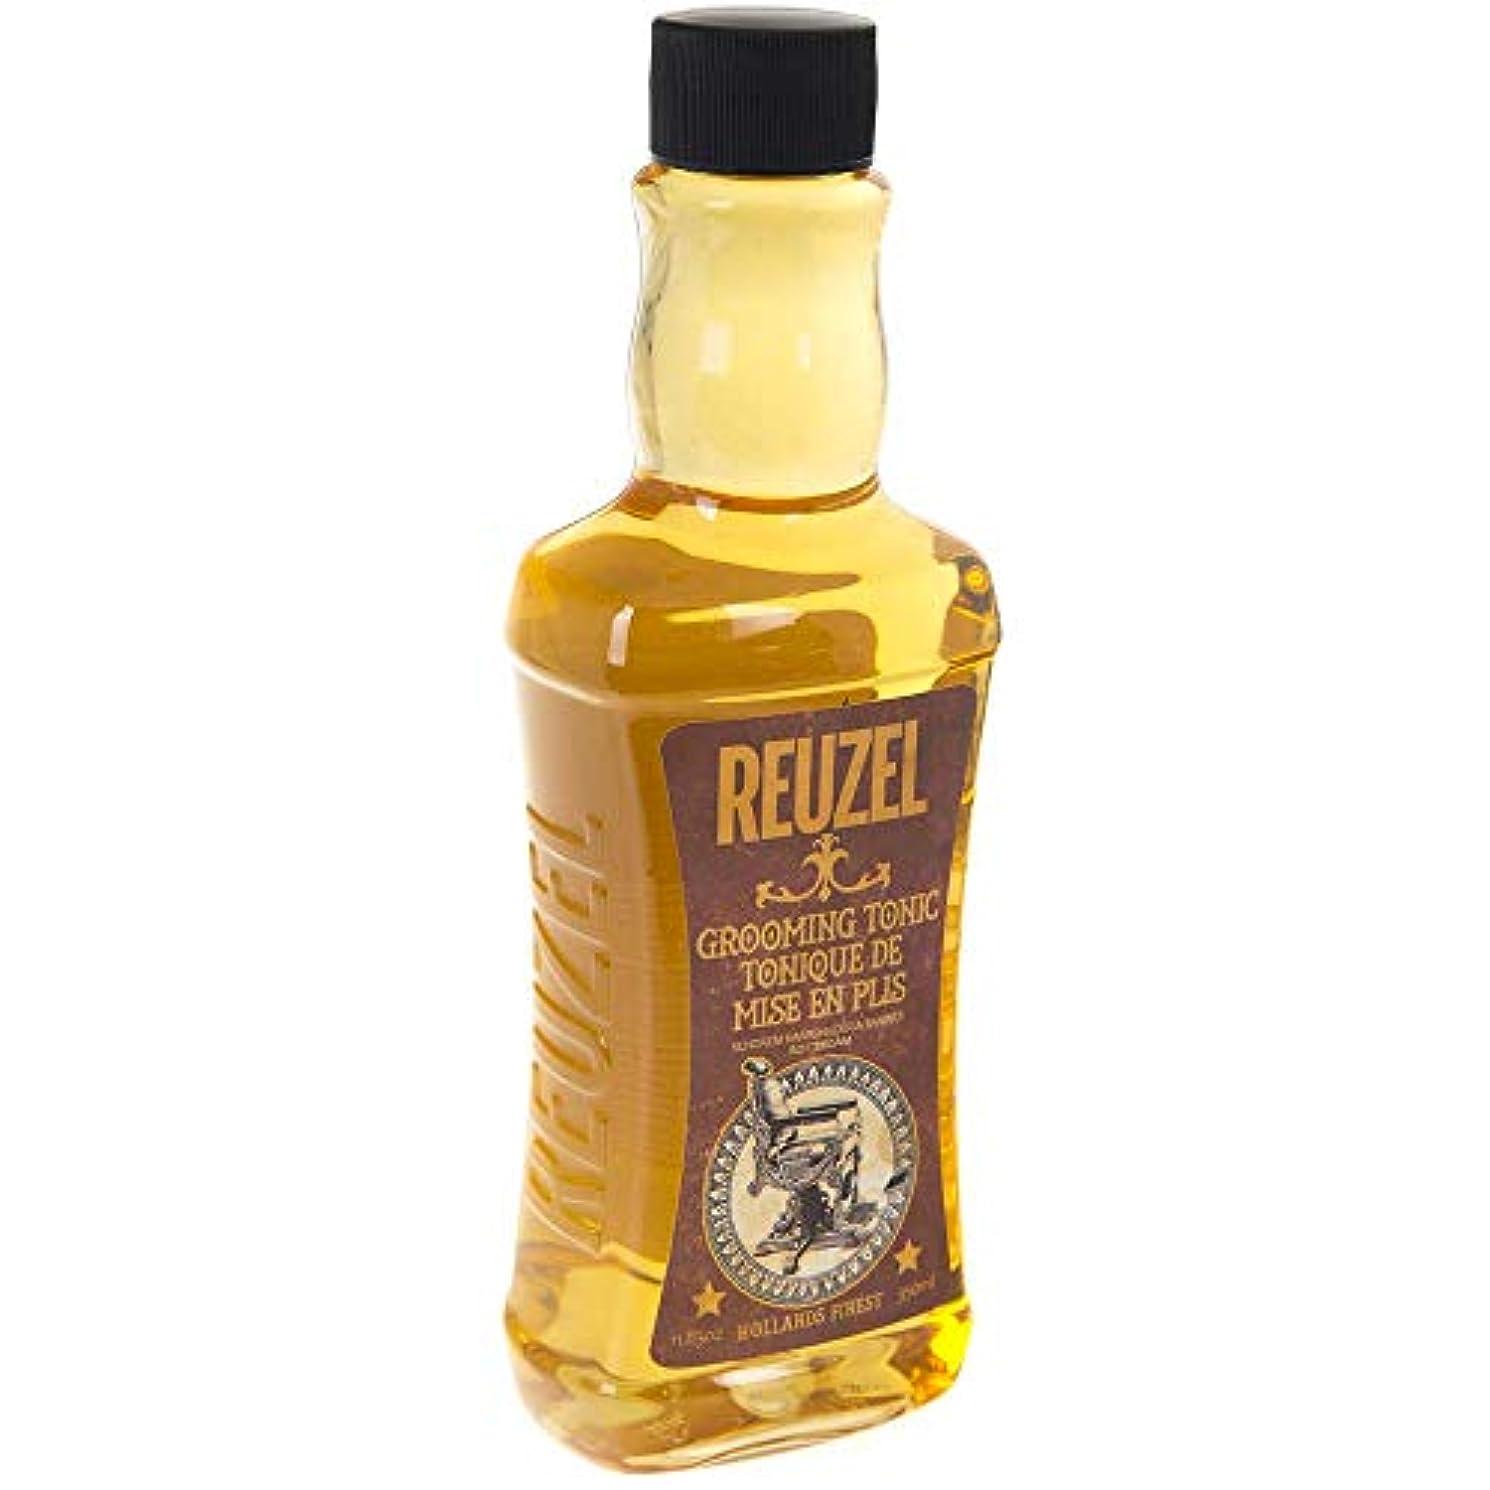 フォーム罪人トピックルーゾー グルーミング トニック Reuzel Grooming Tonic 350 ml [並行輸入品]